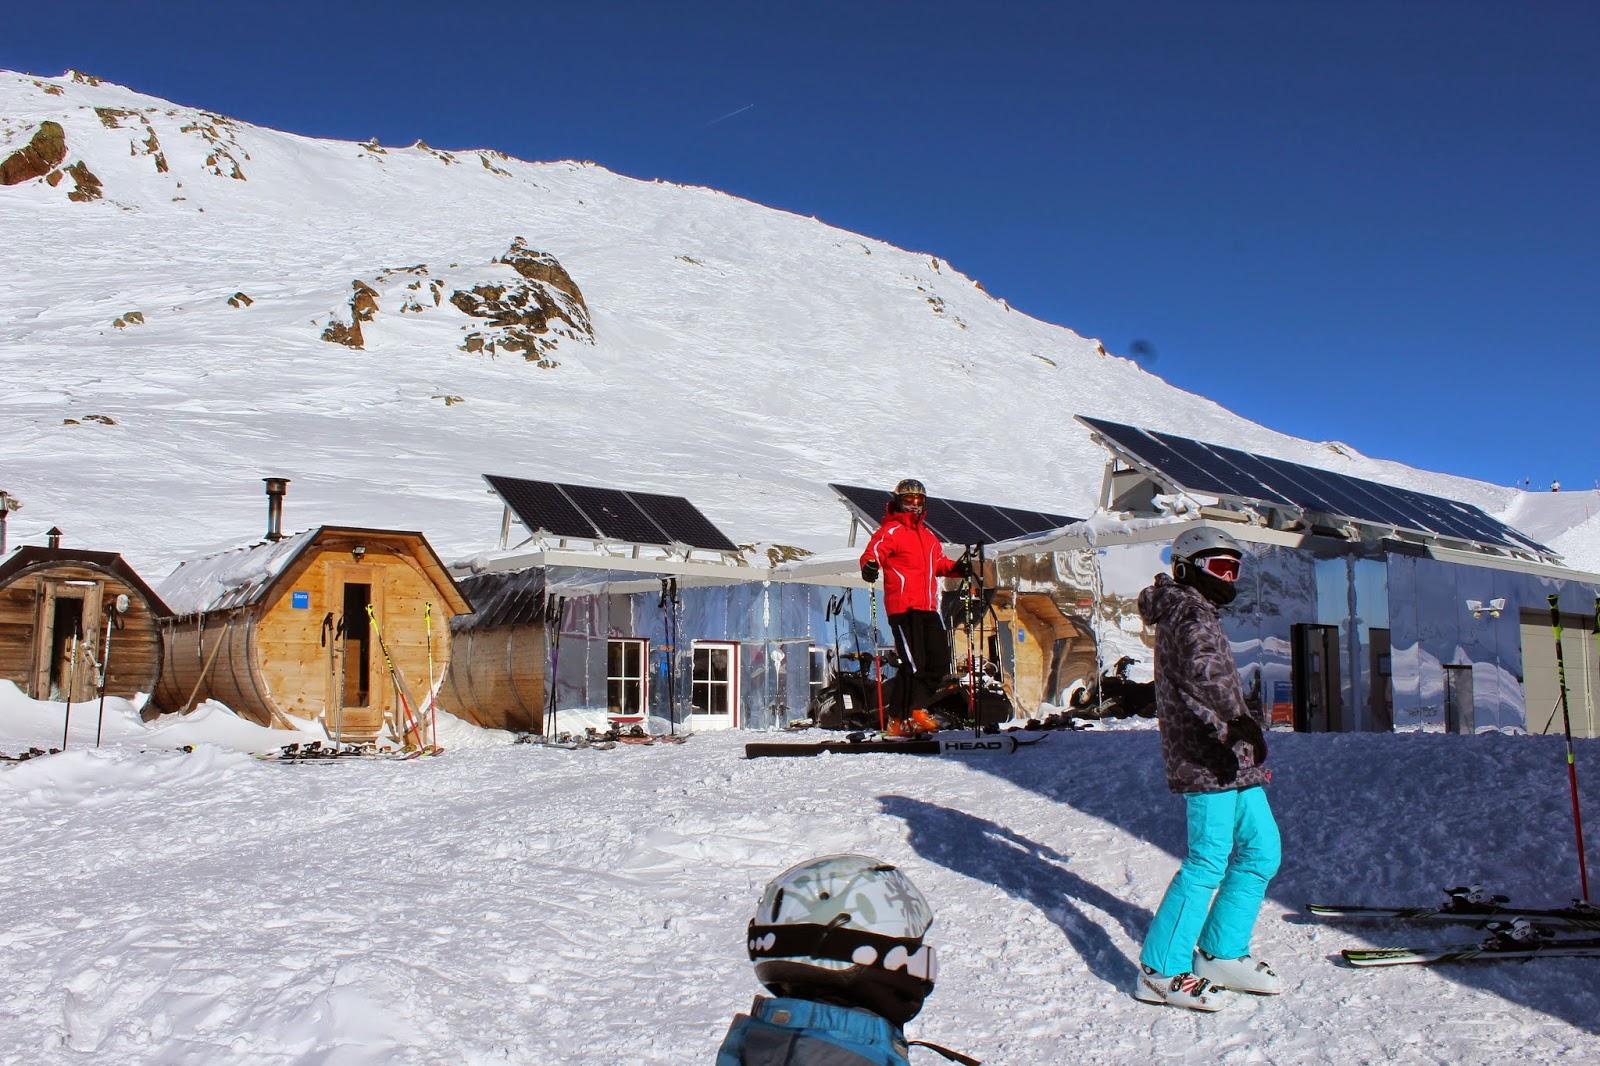 kompleks wypoczynkowy grawand,alpy wypoczynek,na narty w alpy,okrągła sauna